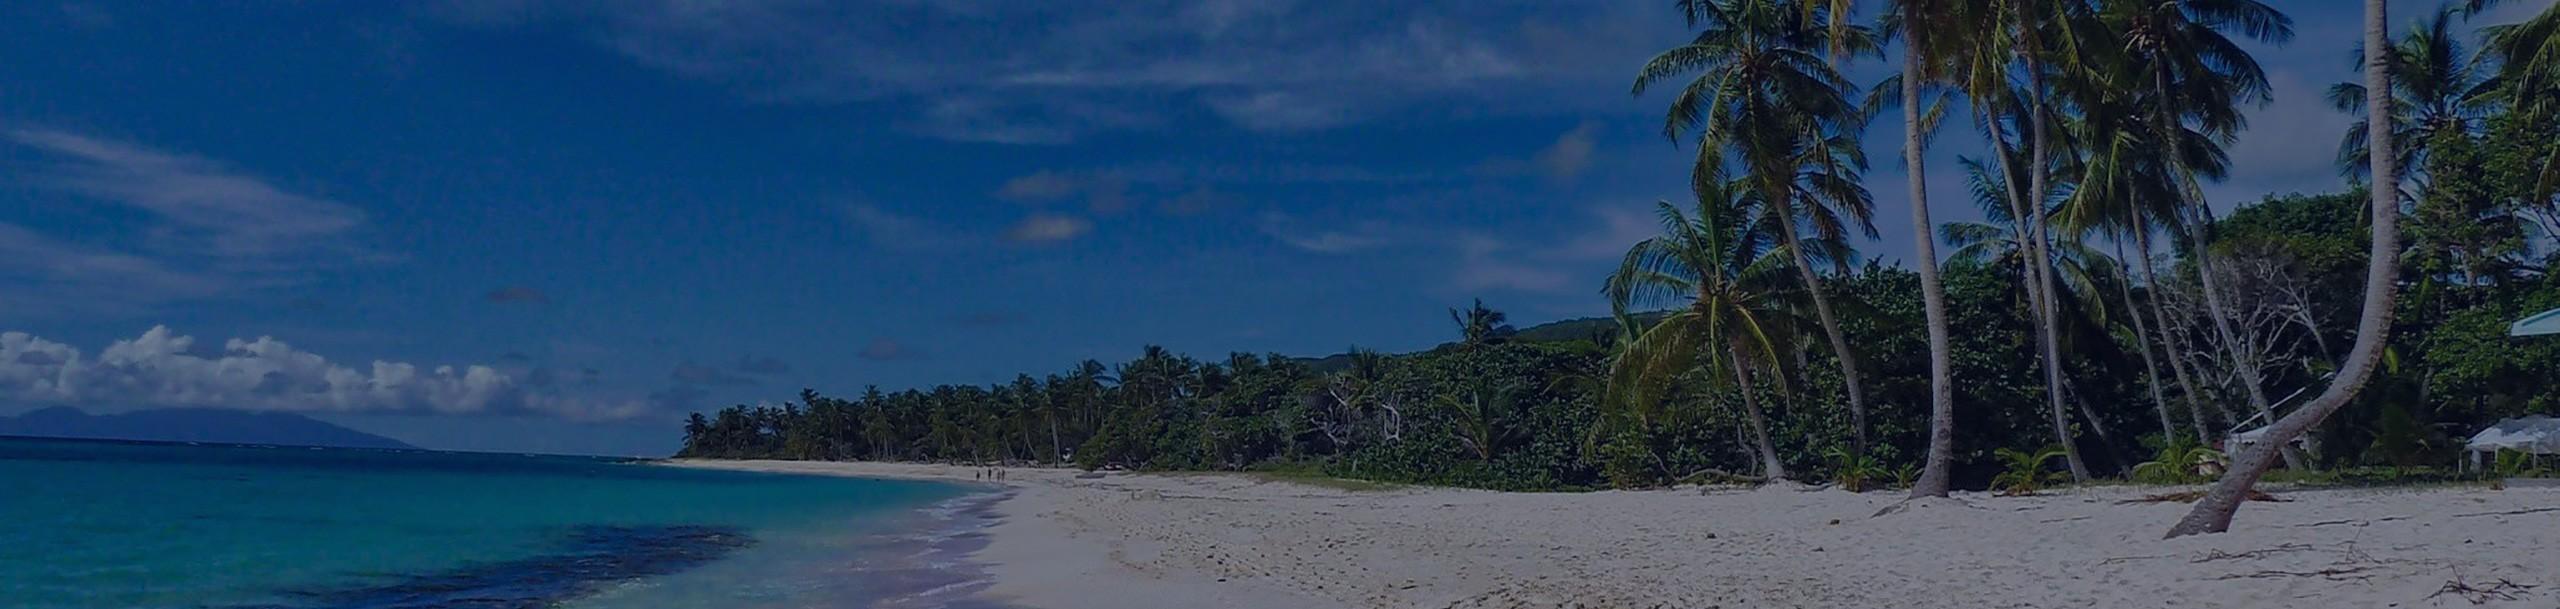 Ile Maurice / Mauritius